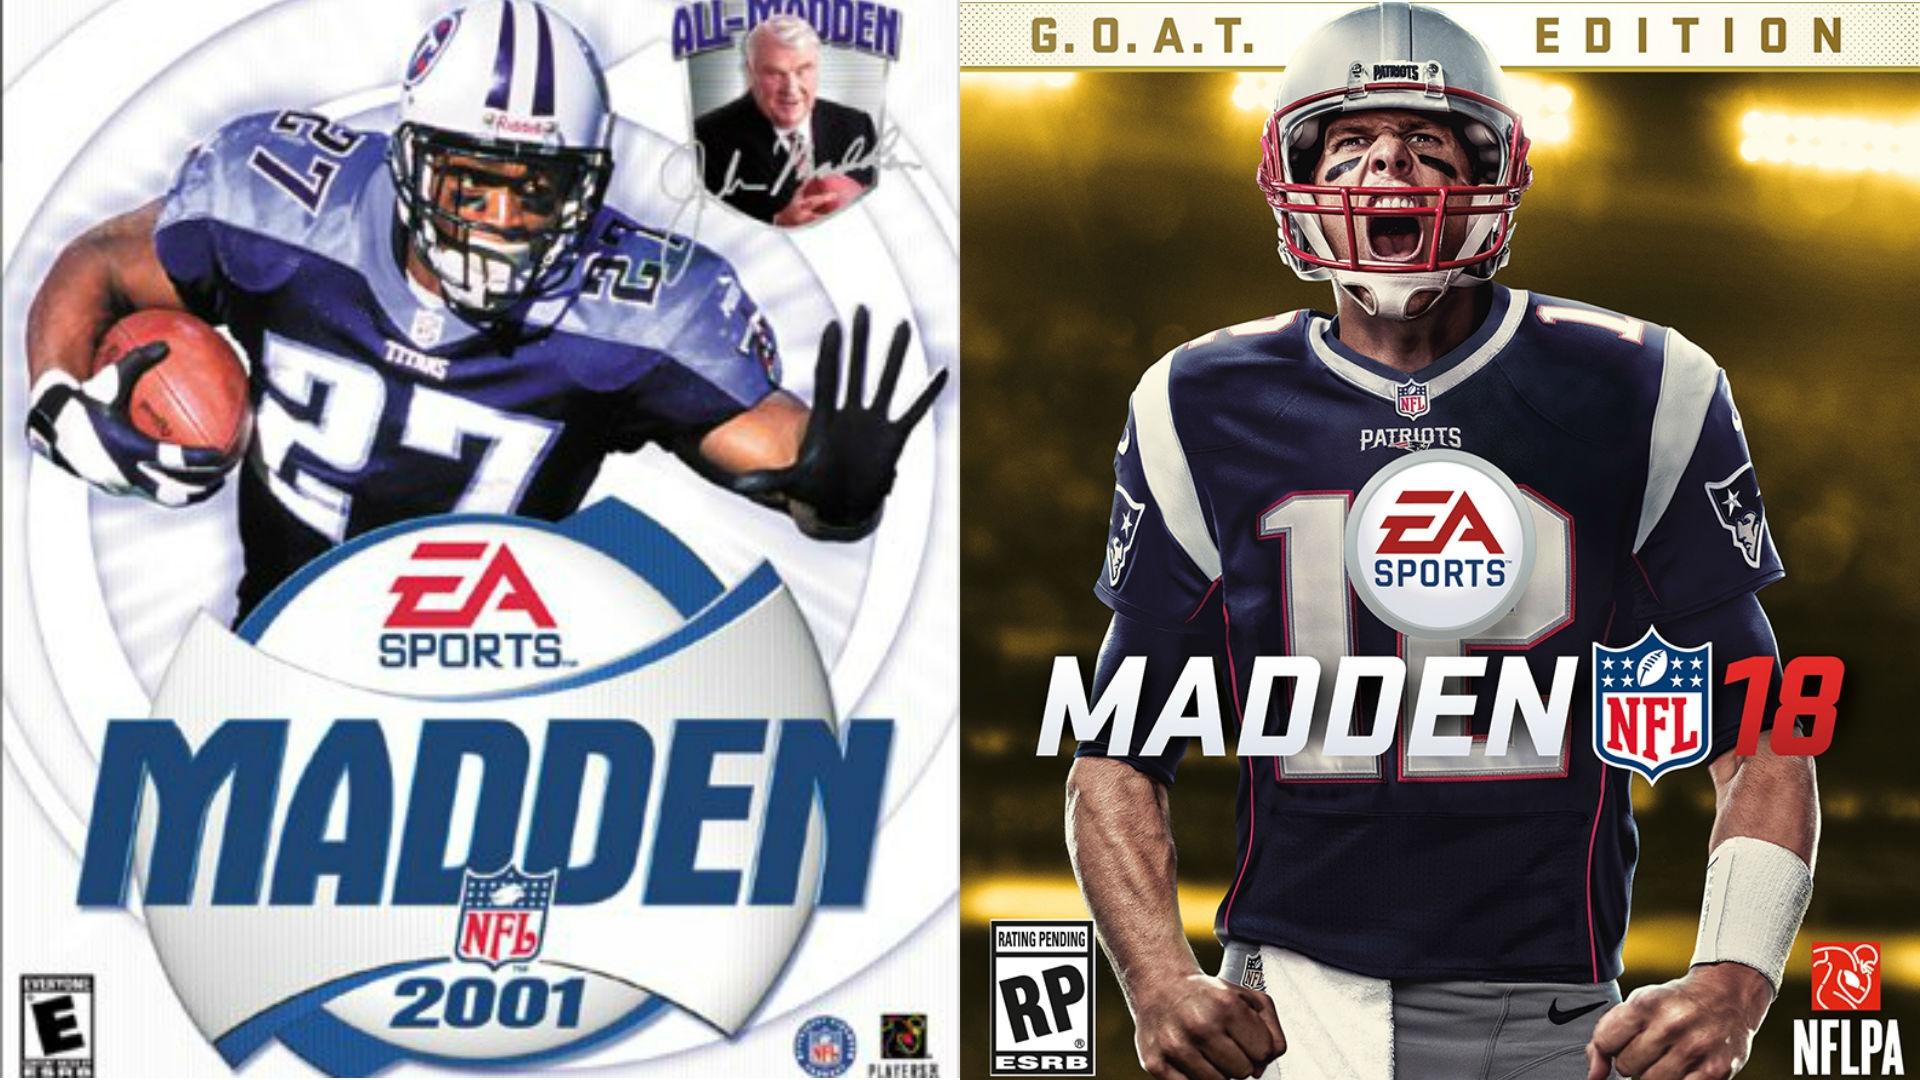 Madden-covers-083017-easports-ftrjpg_s72wke70xkqz1hpb29foc4tp9